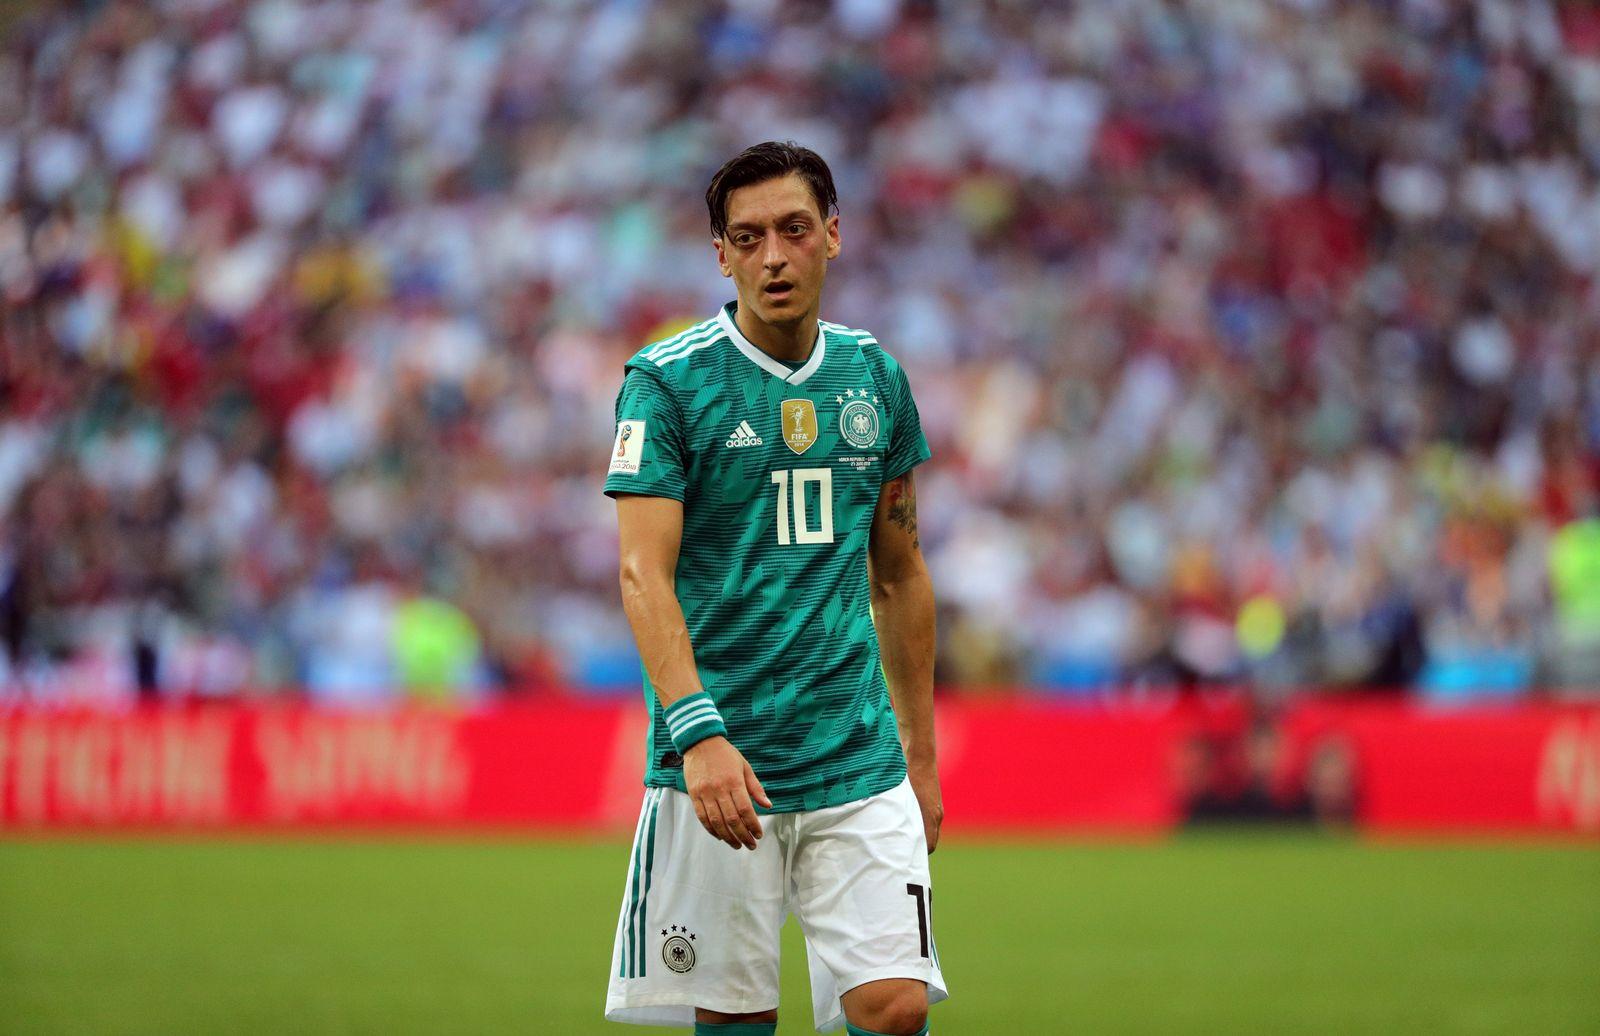 WM 2018 - Löw-Revolution nicht in Sicht